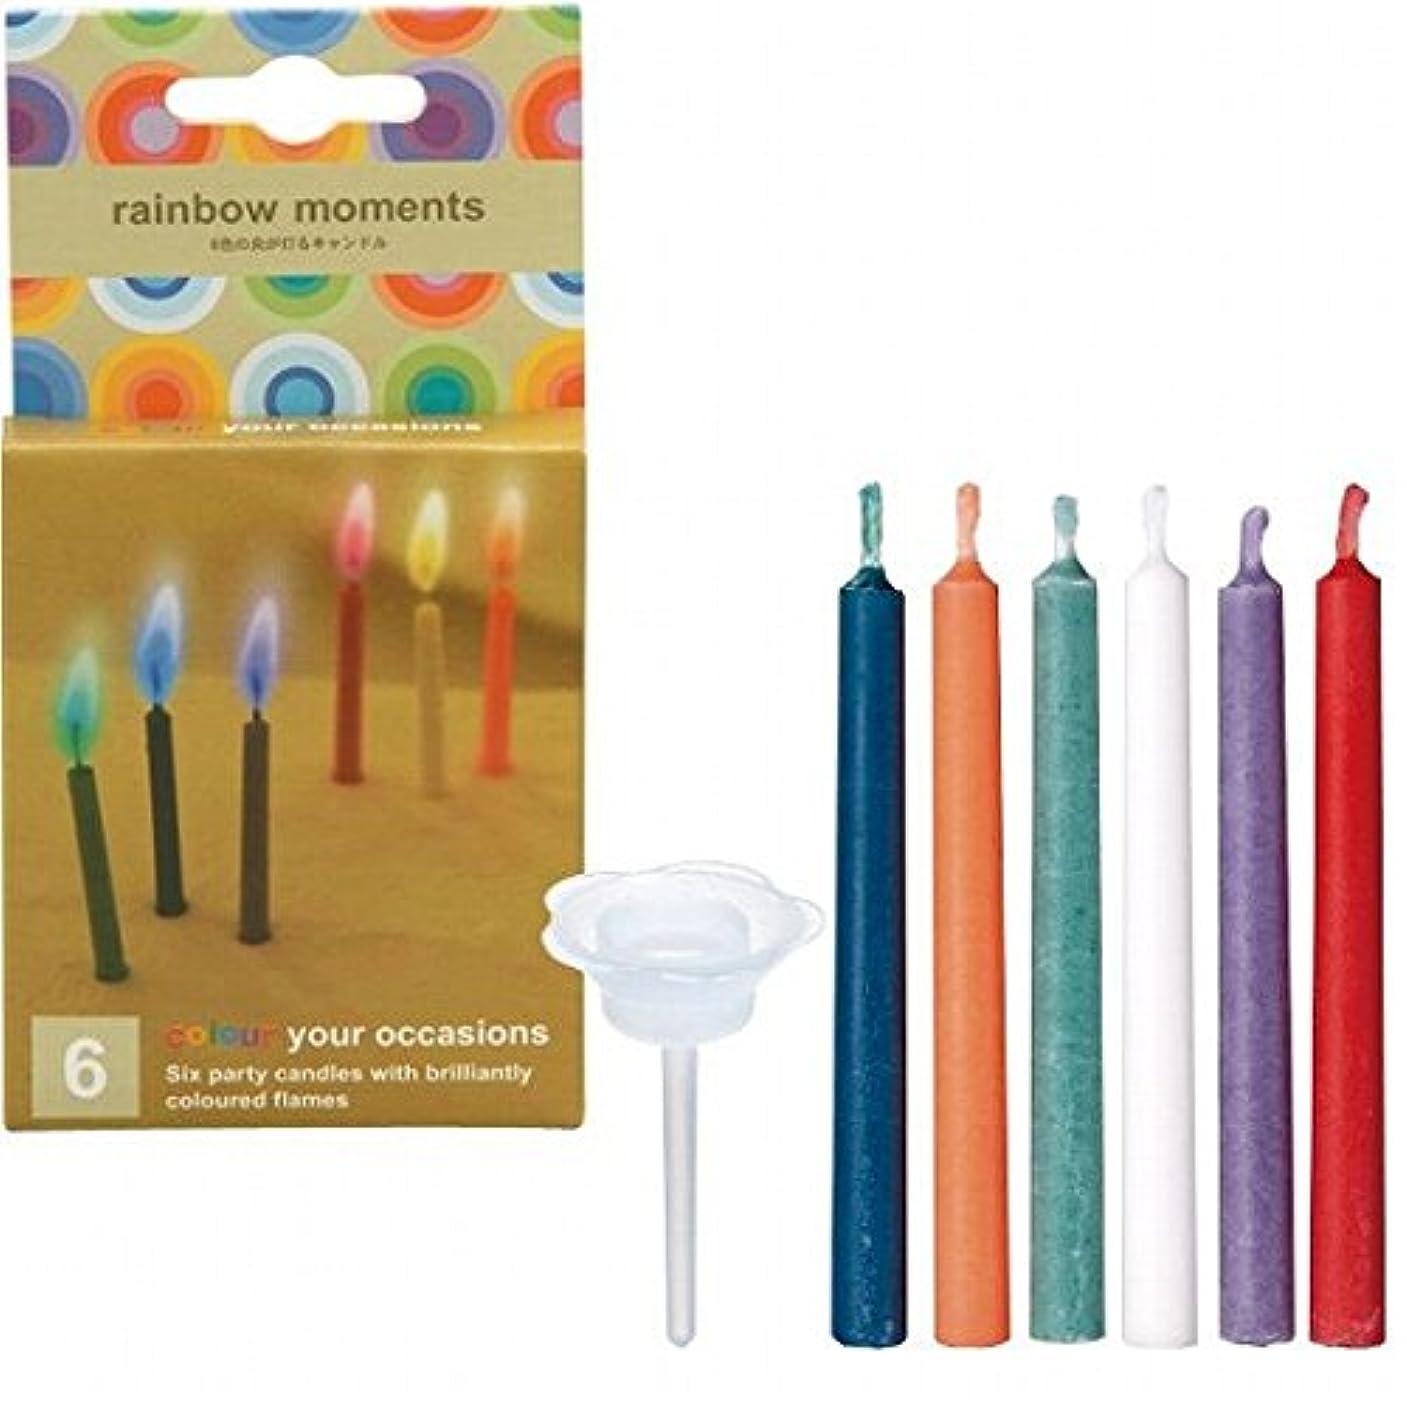 本体ロッカー懐疑論カメヤマキャンドル( kameyama candle ) rainbowmoments(レインボーモーメント)6色6本入り 「 6本入り 」 キャンドル